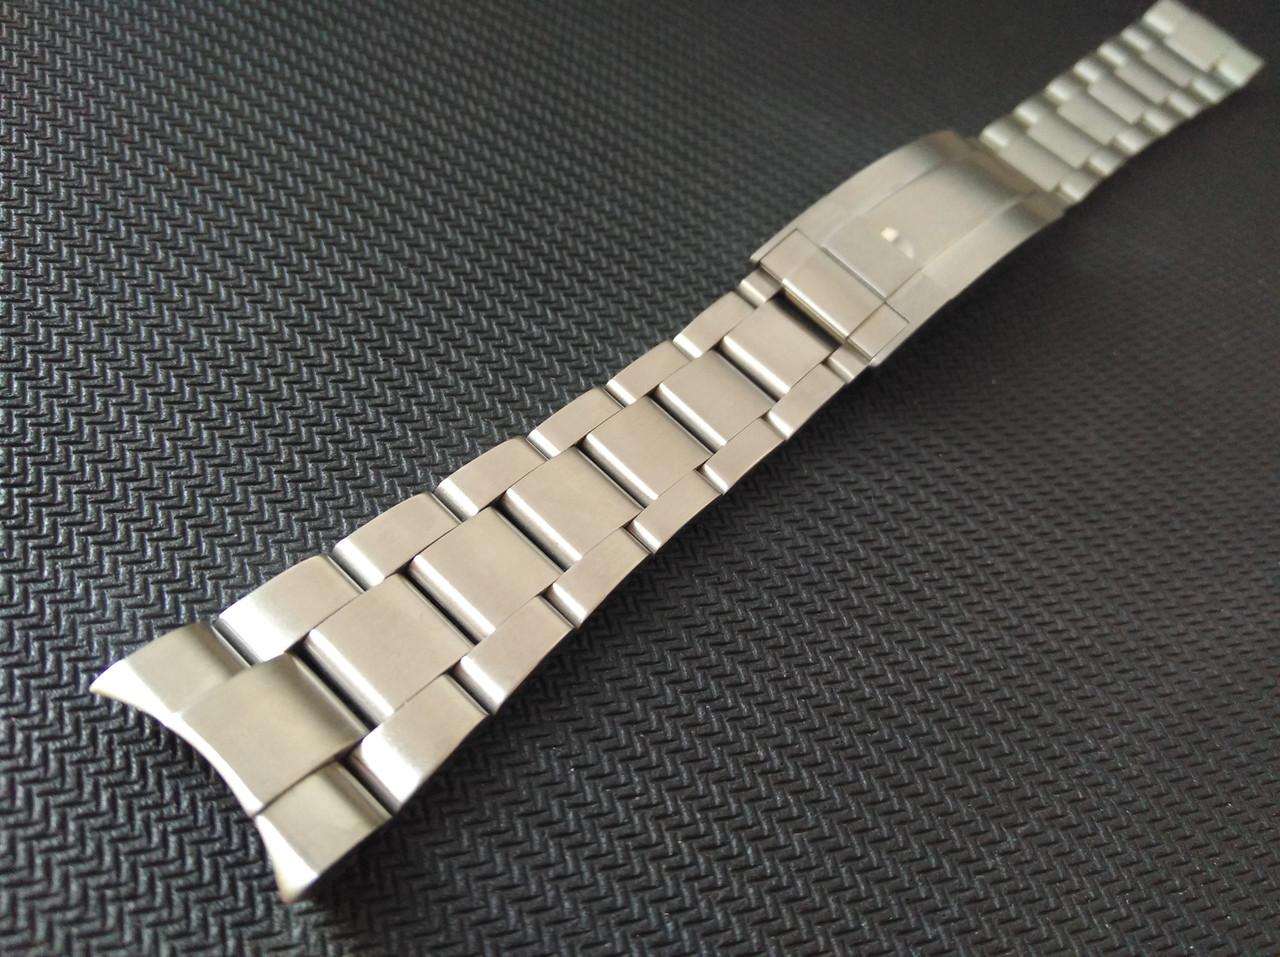 Браслет для часов из нержавеющей стали 316L, литой, мат. Заокругленное окончание. 20 мм